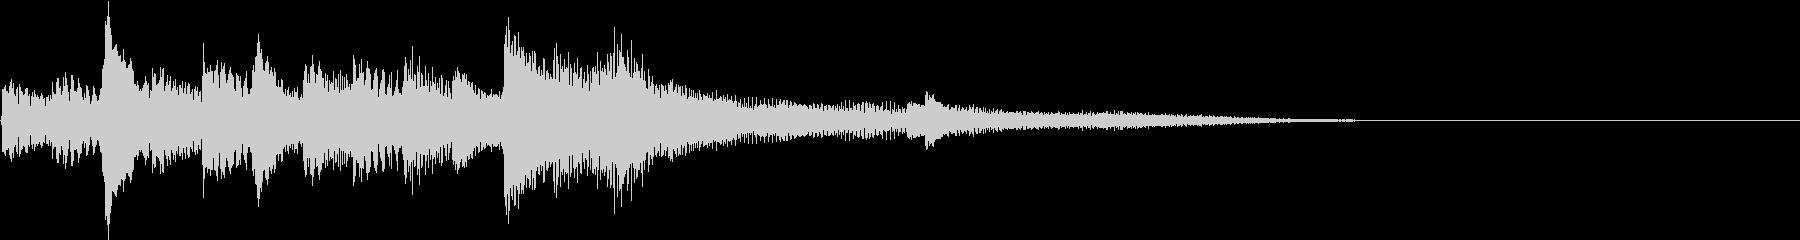 幻想的なピアノソロ  ジングルの未再生の波形